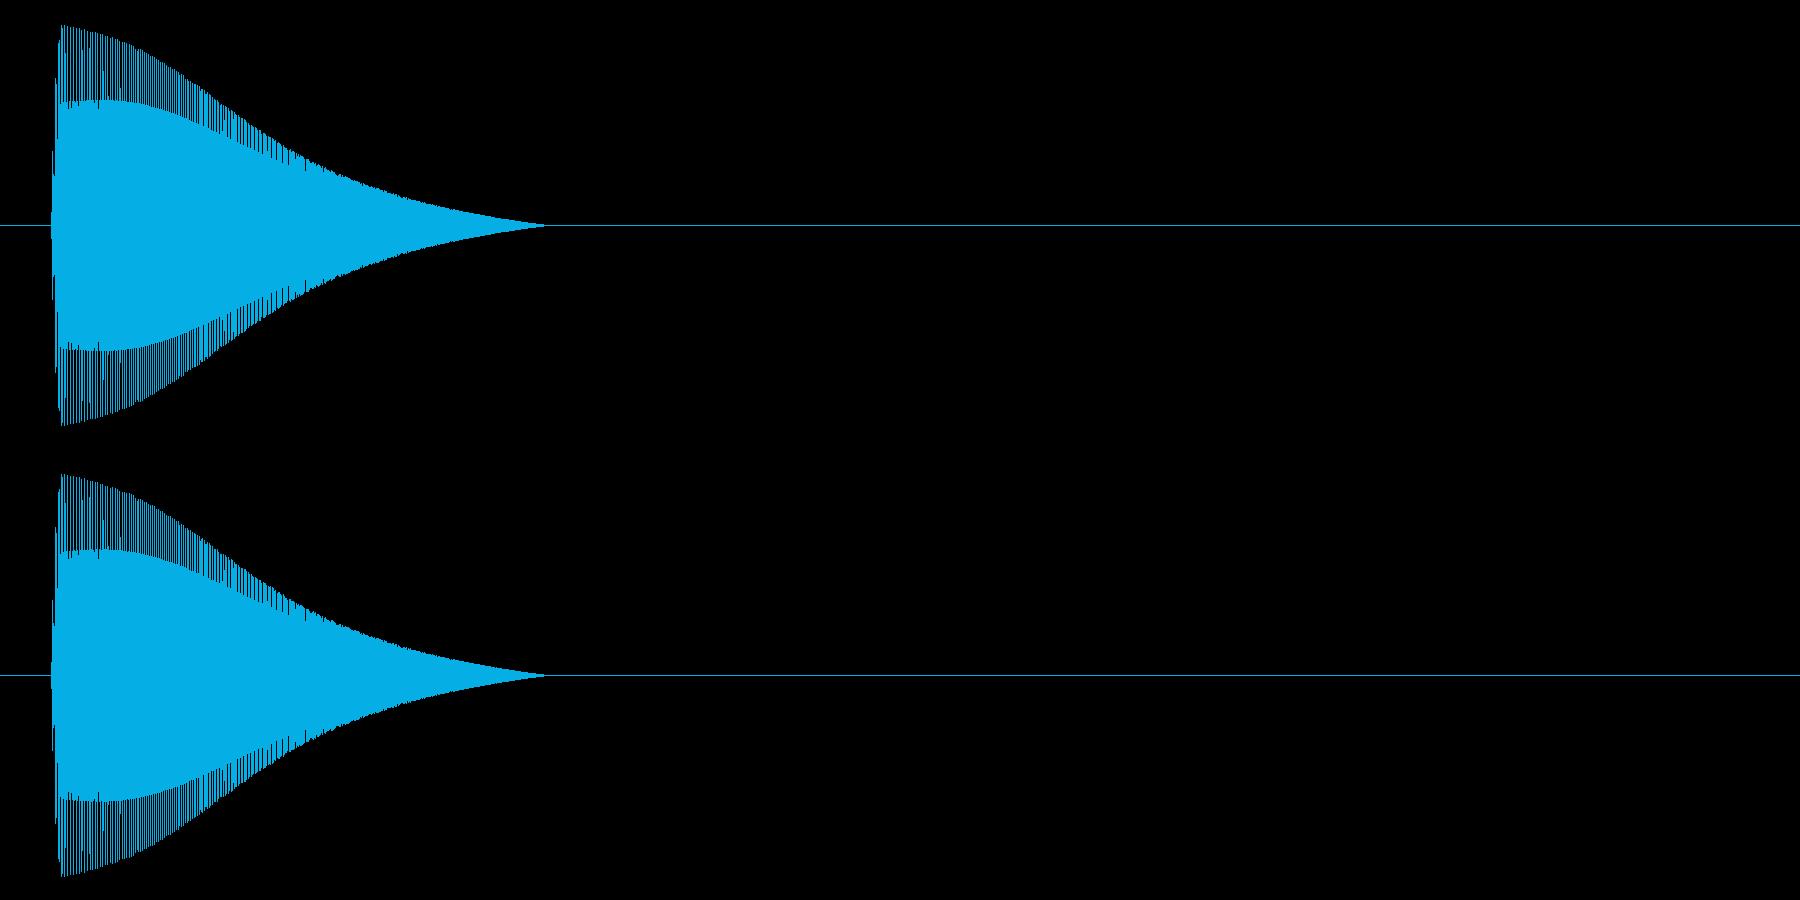 ポイッ↑/ジャンプ/コミカル/デフォルメの再生済みの波形